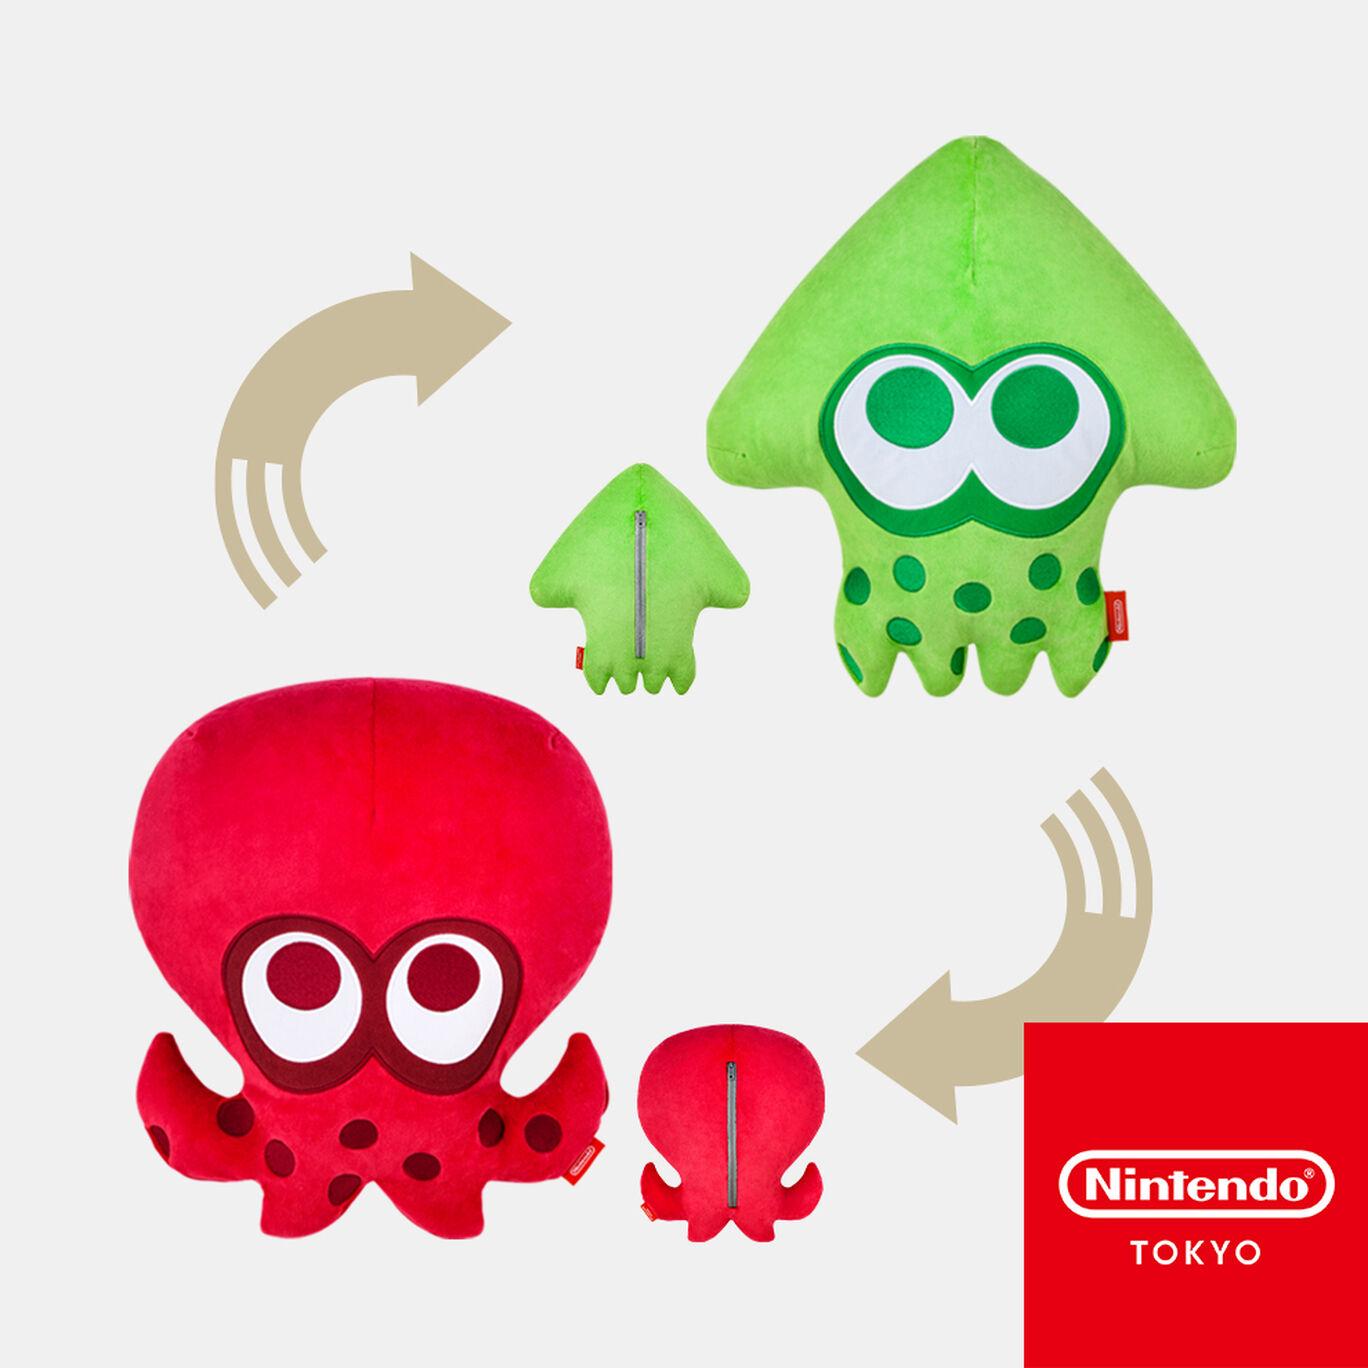 【新商品】リバーシブルクッション SQUID or OCTO Splatoon【Nintendo TOKYO取り扱い商品】